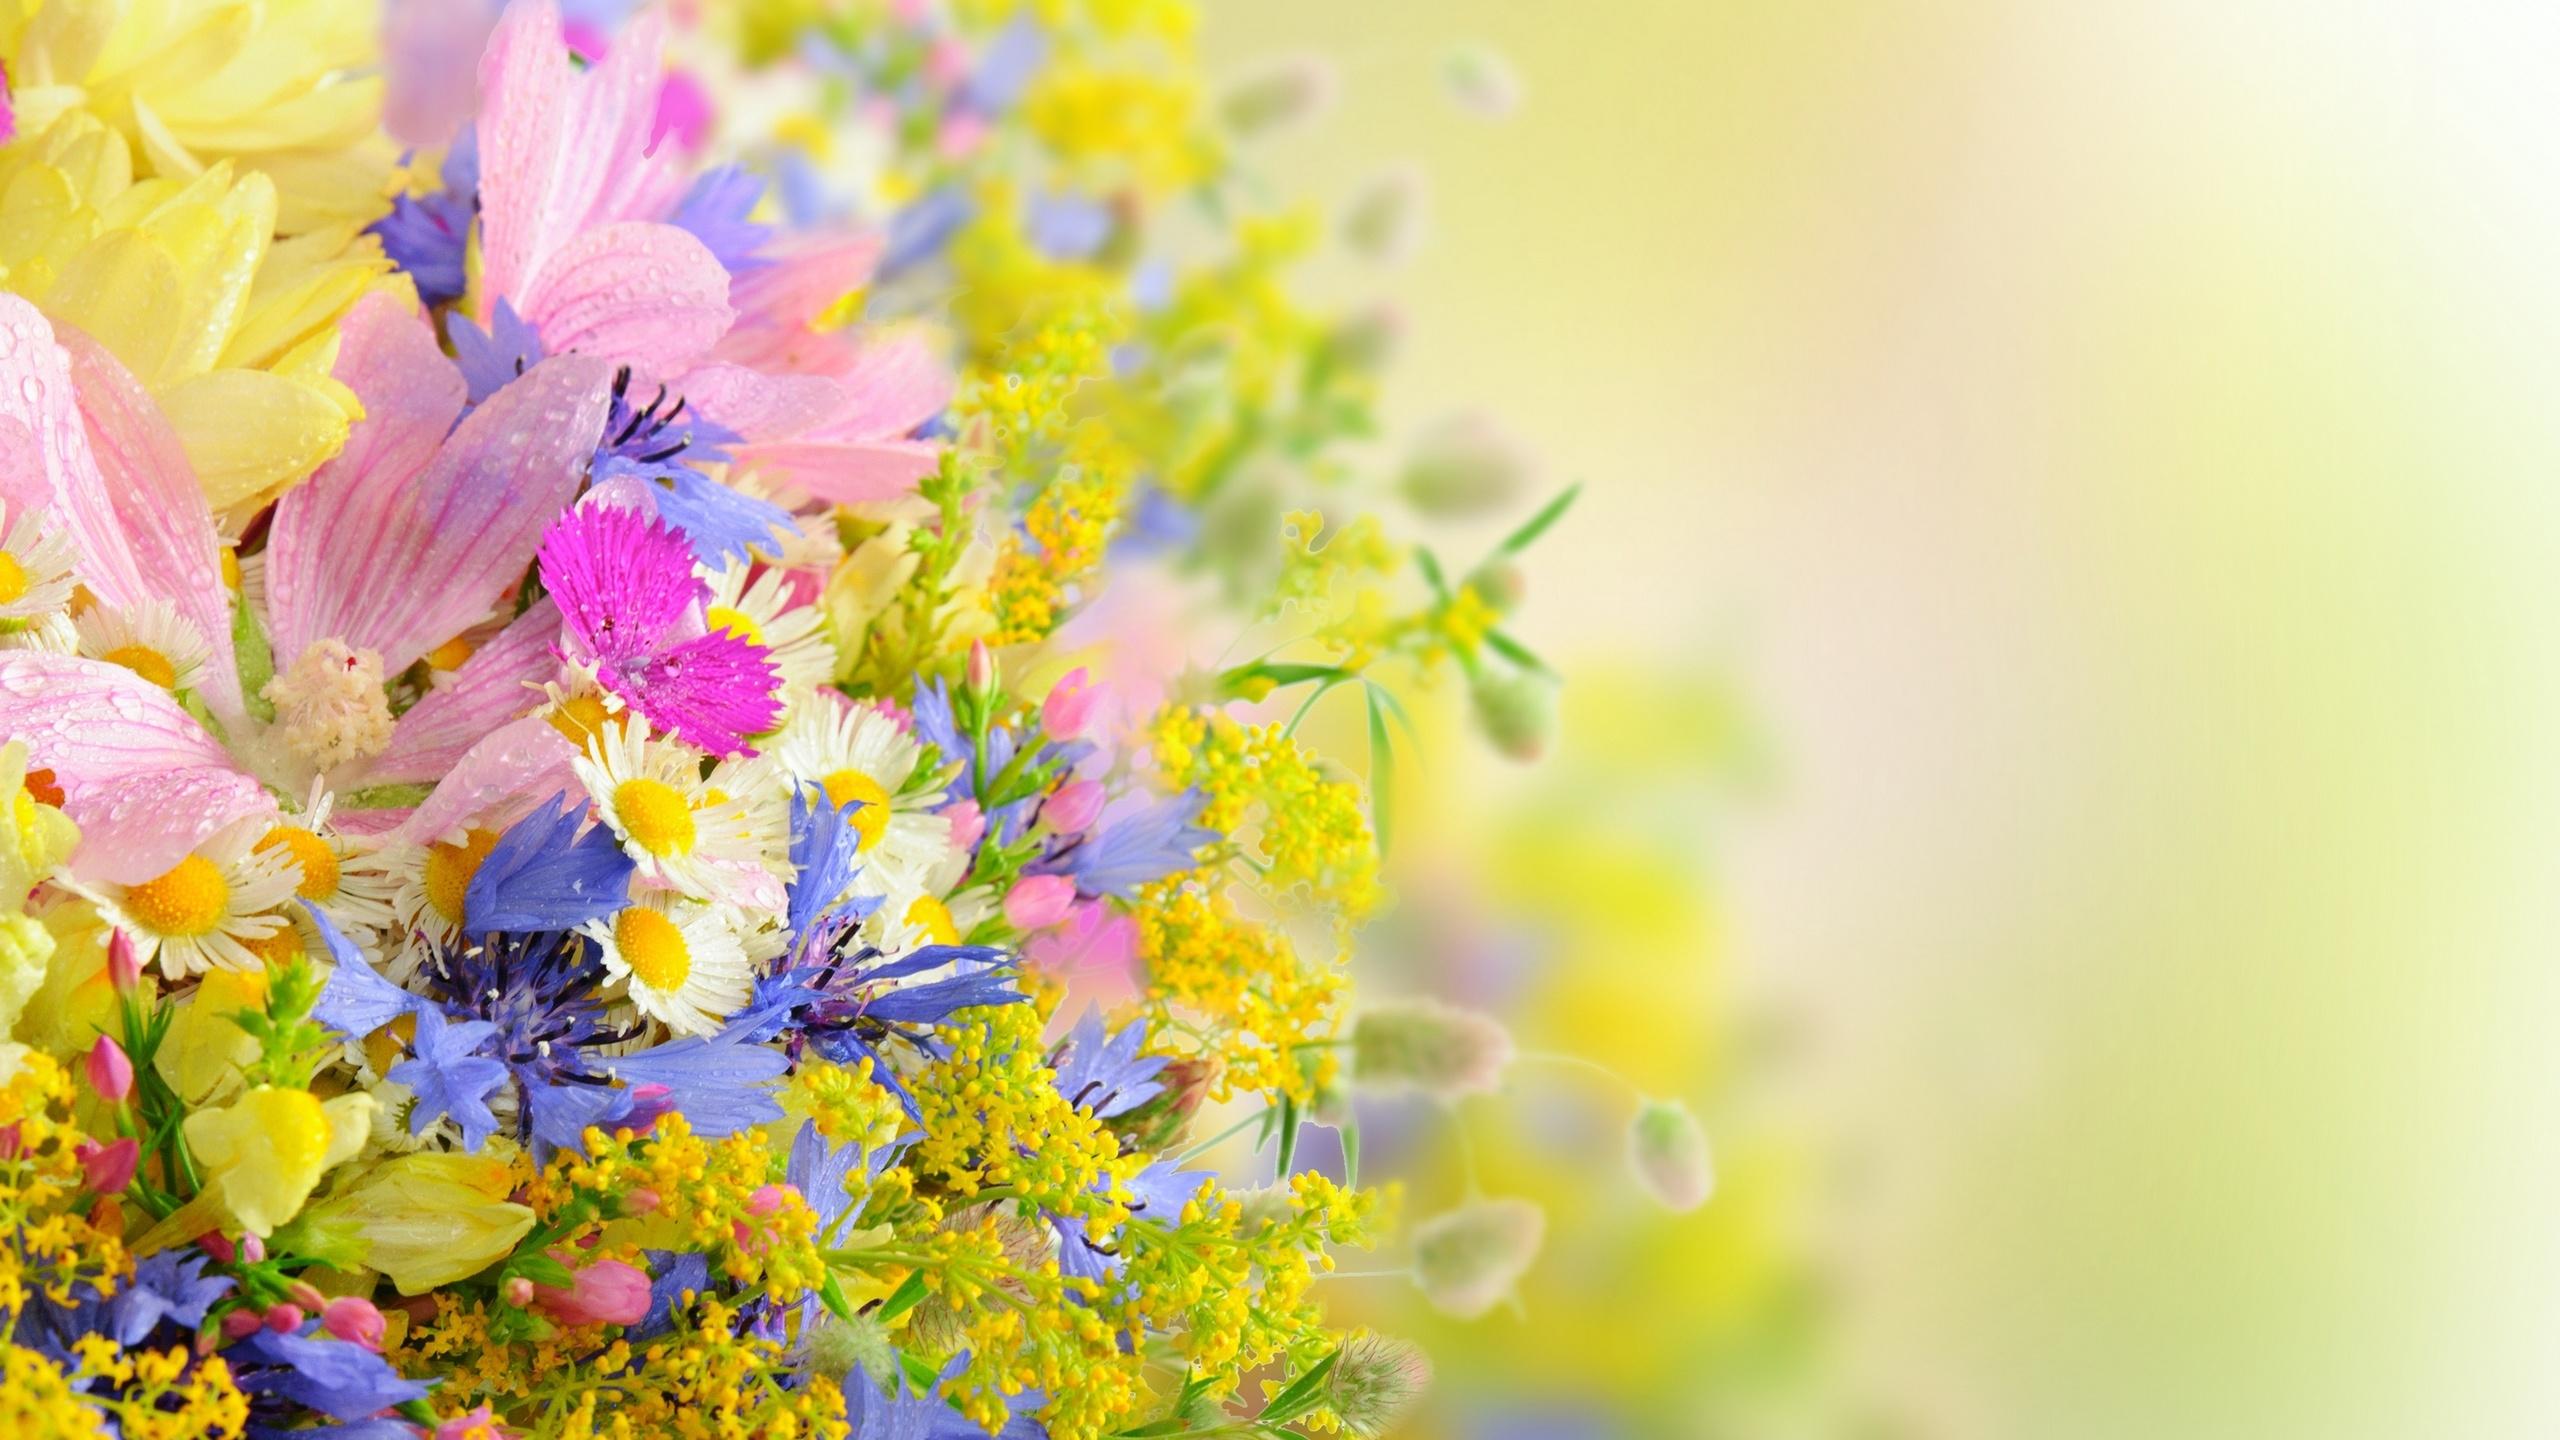 картинки с днем рождения солнце с цветами границей часто переделывают